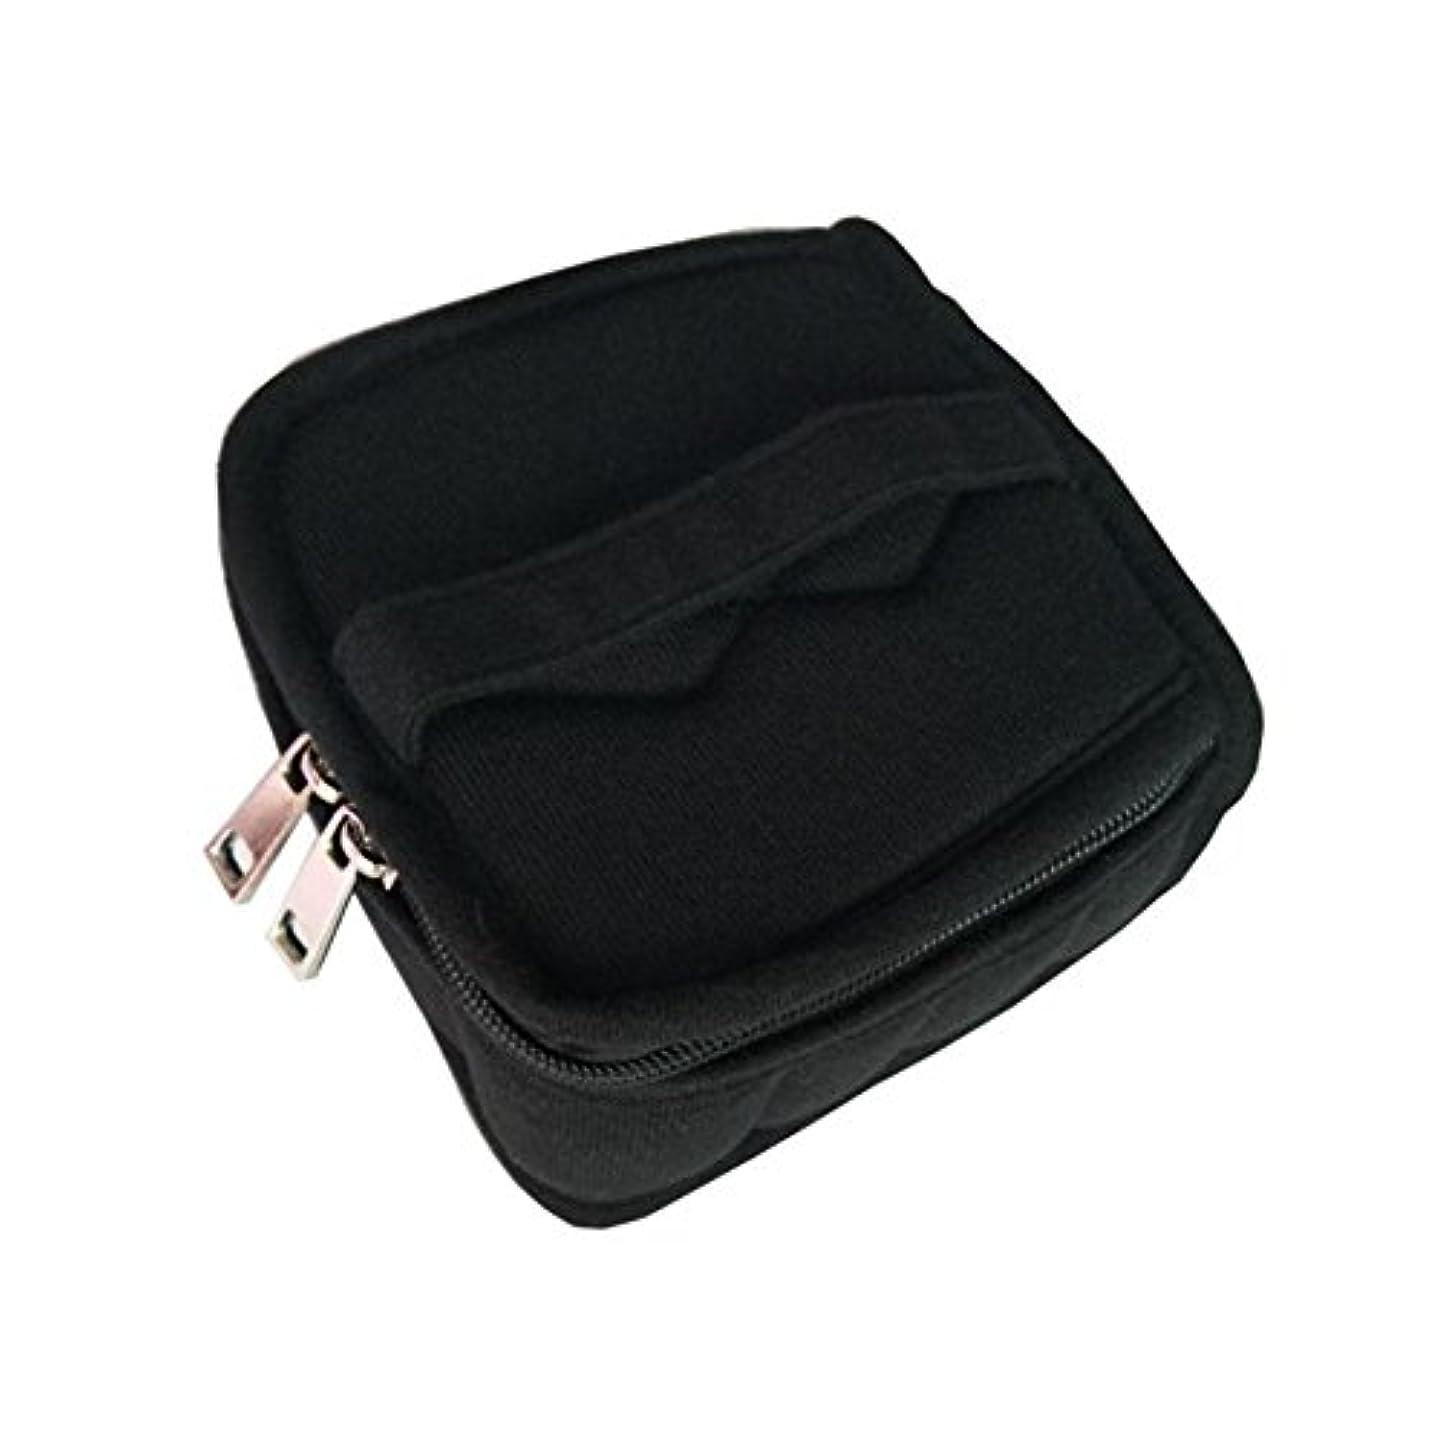 どうやってショッキングクリーナーPursue エッセンシャルオイル収納ケース アロマオイル収納ボックス アロマポーチ収納ケース 耐震 携帯便利 香水収納ポーチ 化粧ポーチ 9本用